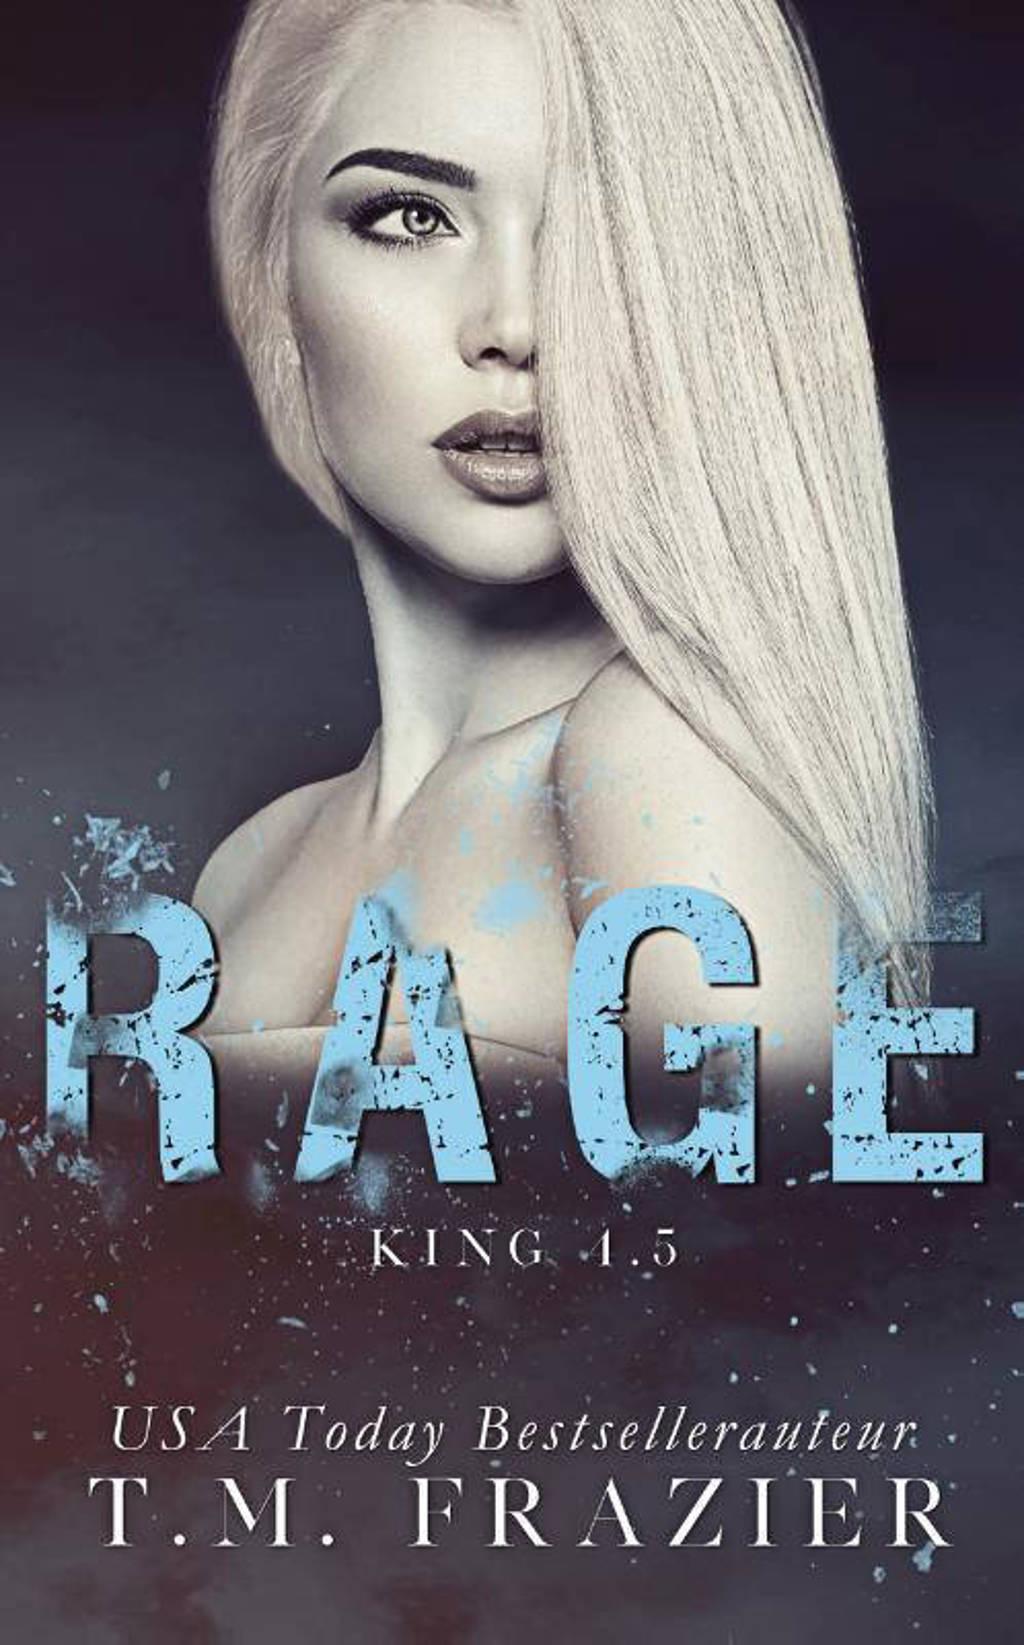 King: Rage - T.M. Frazier